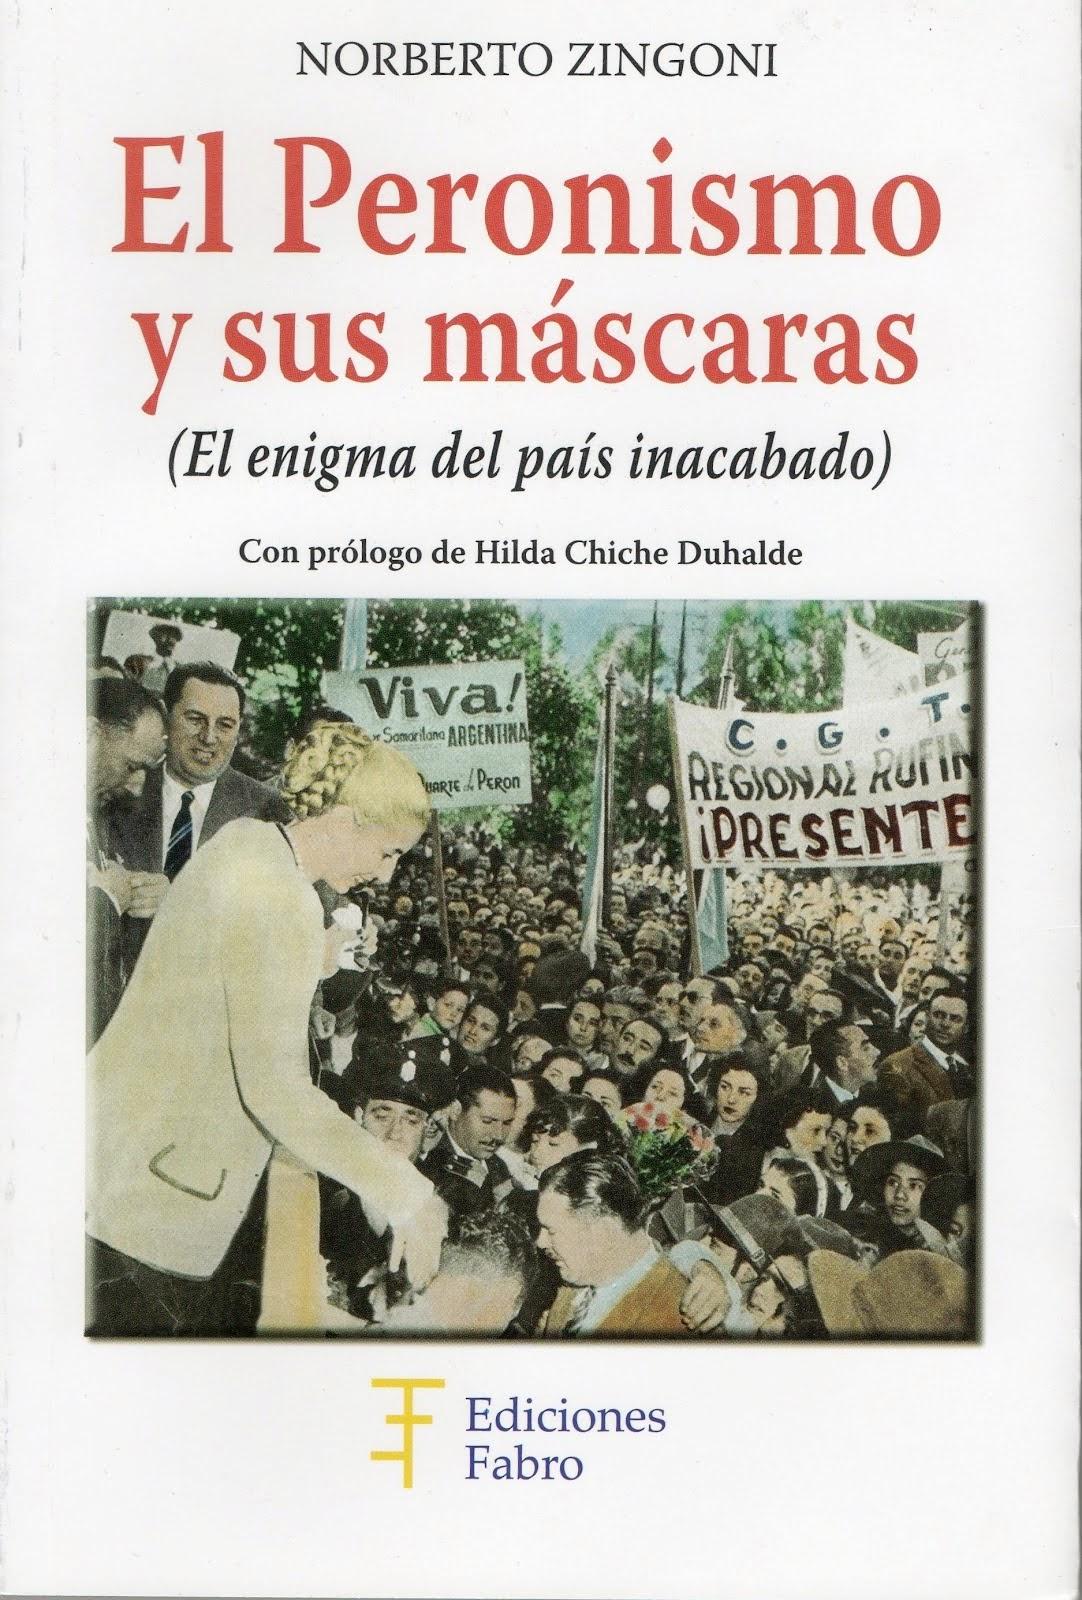 Libro - El peronismo y sus máscaras